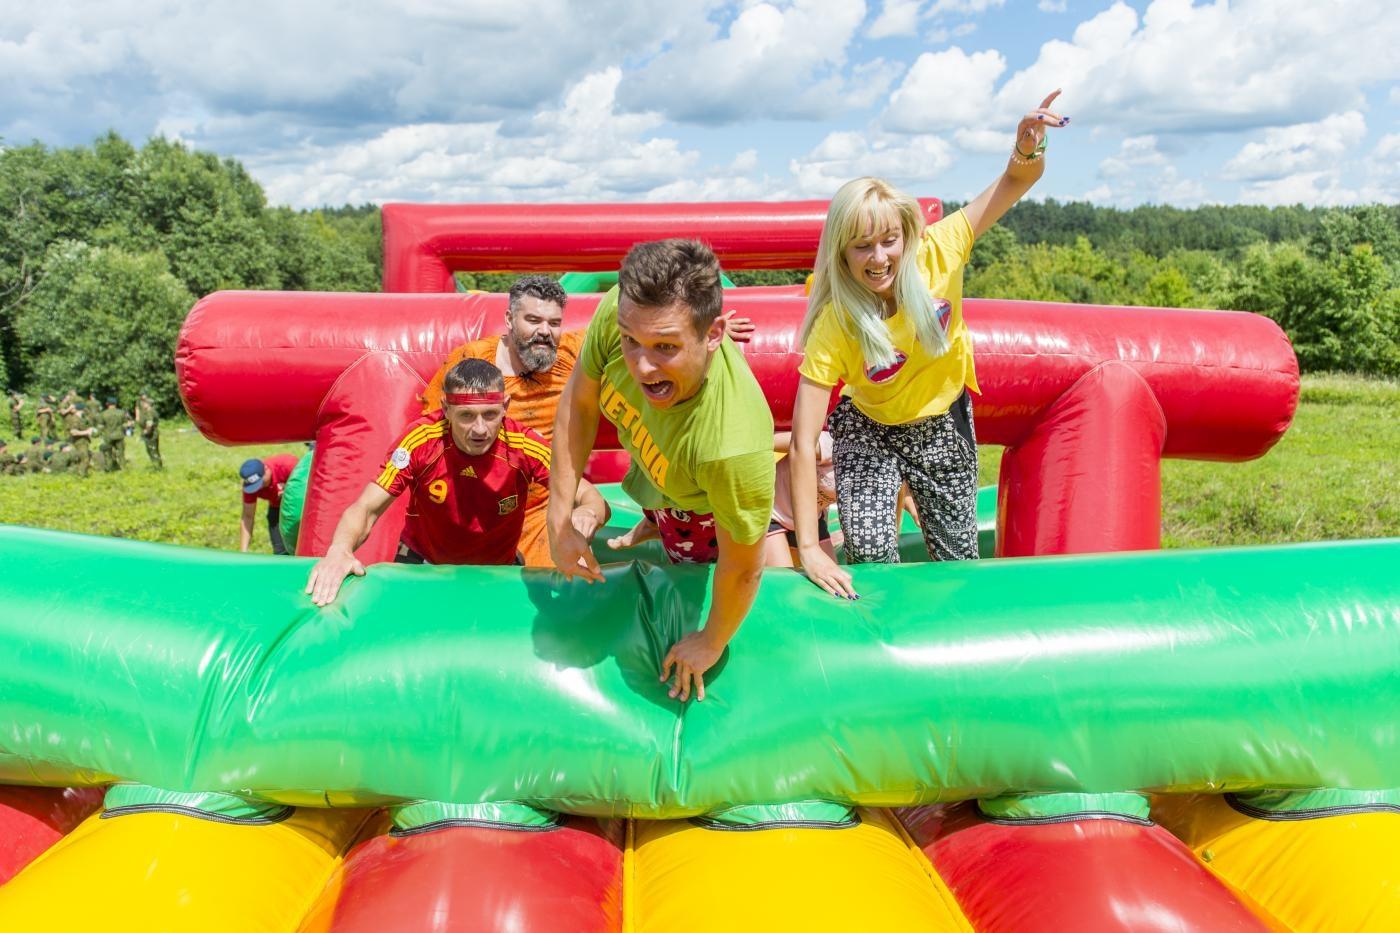 Pirmą kartą Šilutės miesto šventės metu organizuojamas šeimų ir draugų turnyras ant pripučiamo 100 metrų kliūčių ruožo!